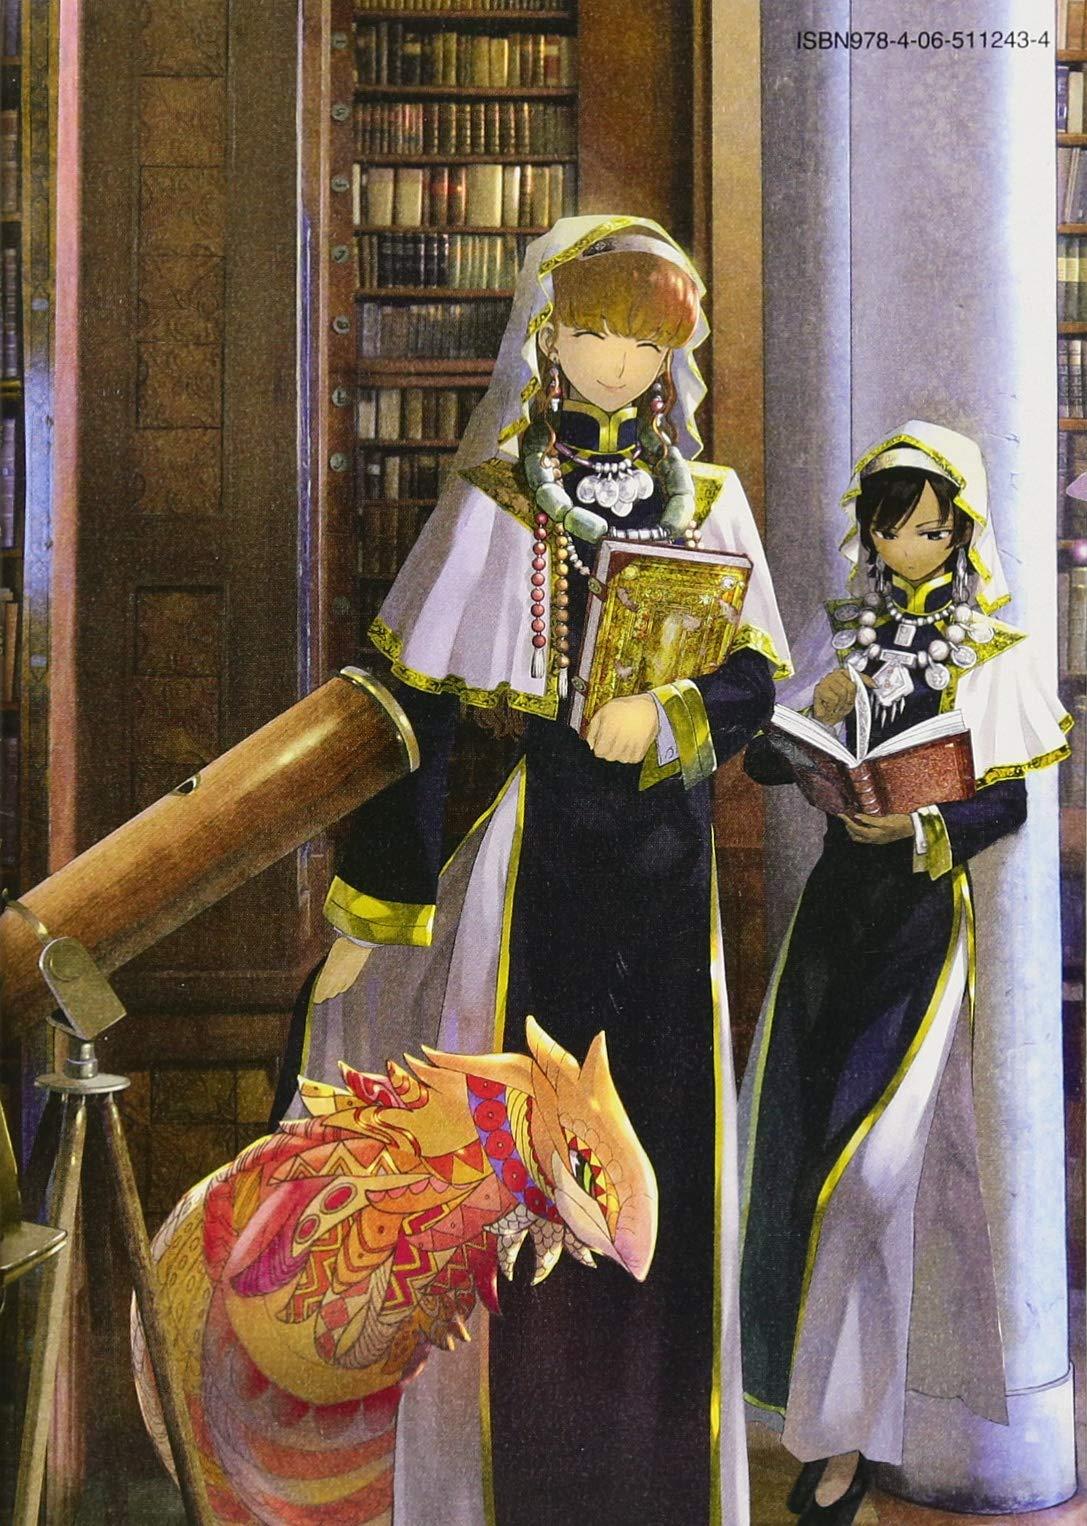 魔術 師 図書館 の 大